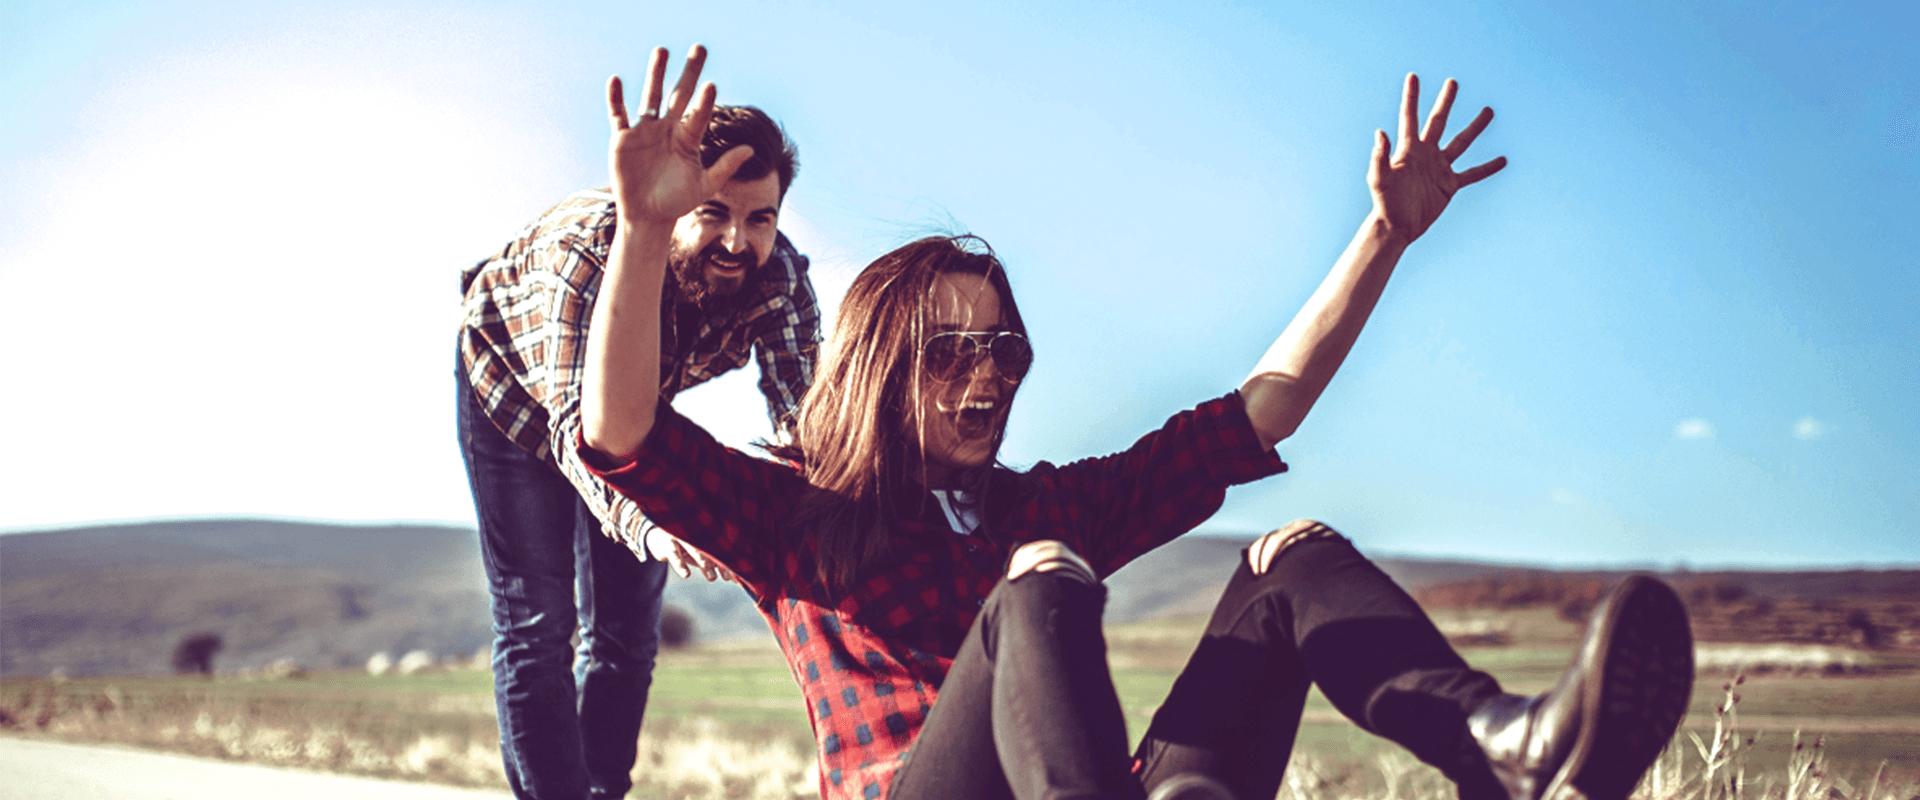 Christliche Dating-Beratung für junge Erwachsene